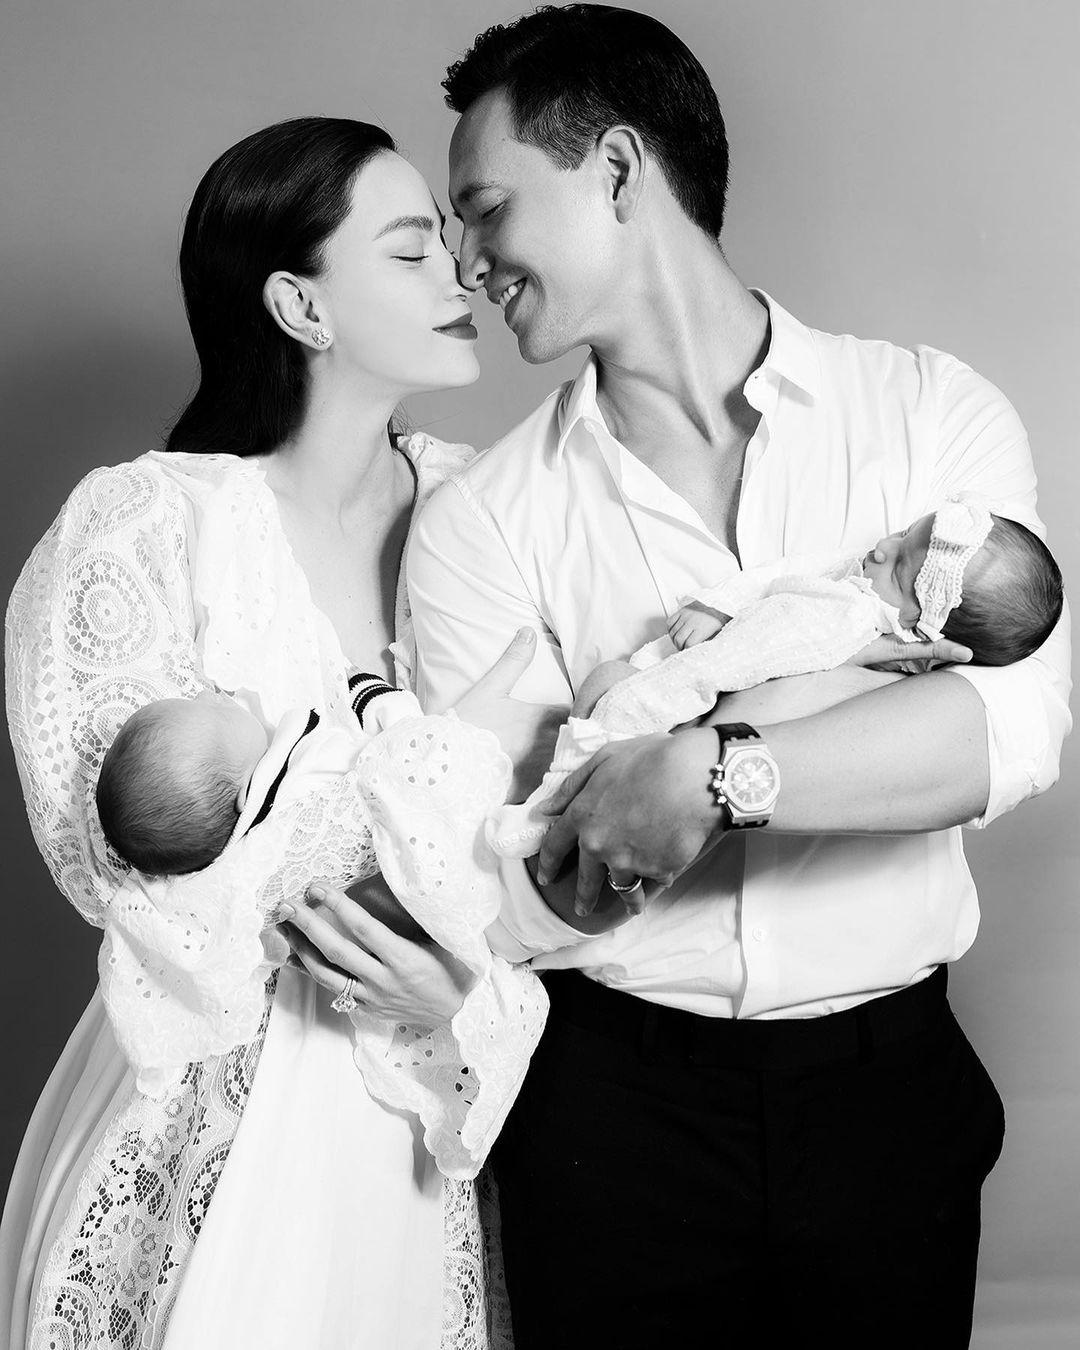 Hồ Ngọc Hà khoe khoảnh khắc cực ngọt ngào bên Kim Lý và cặp song sinh - Ảnh 2.